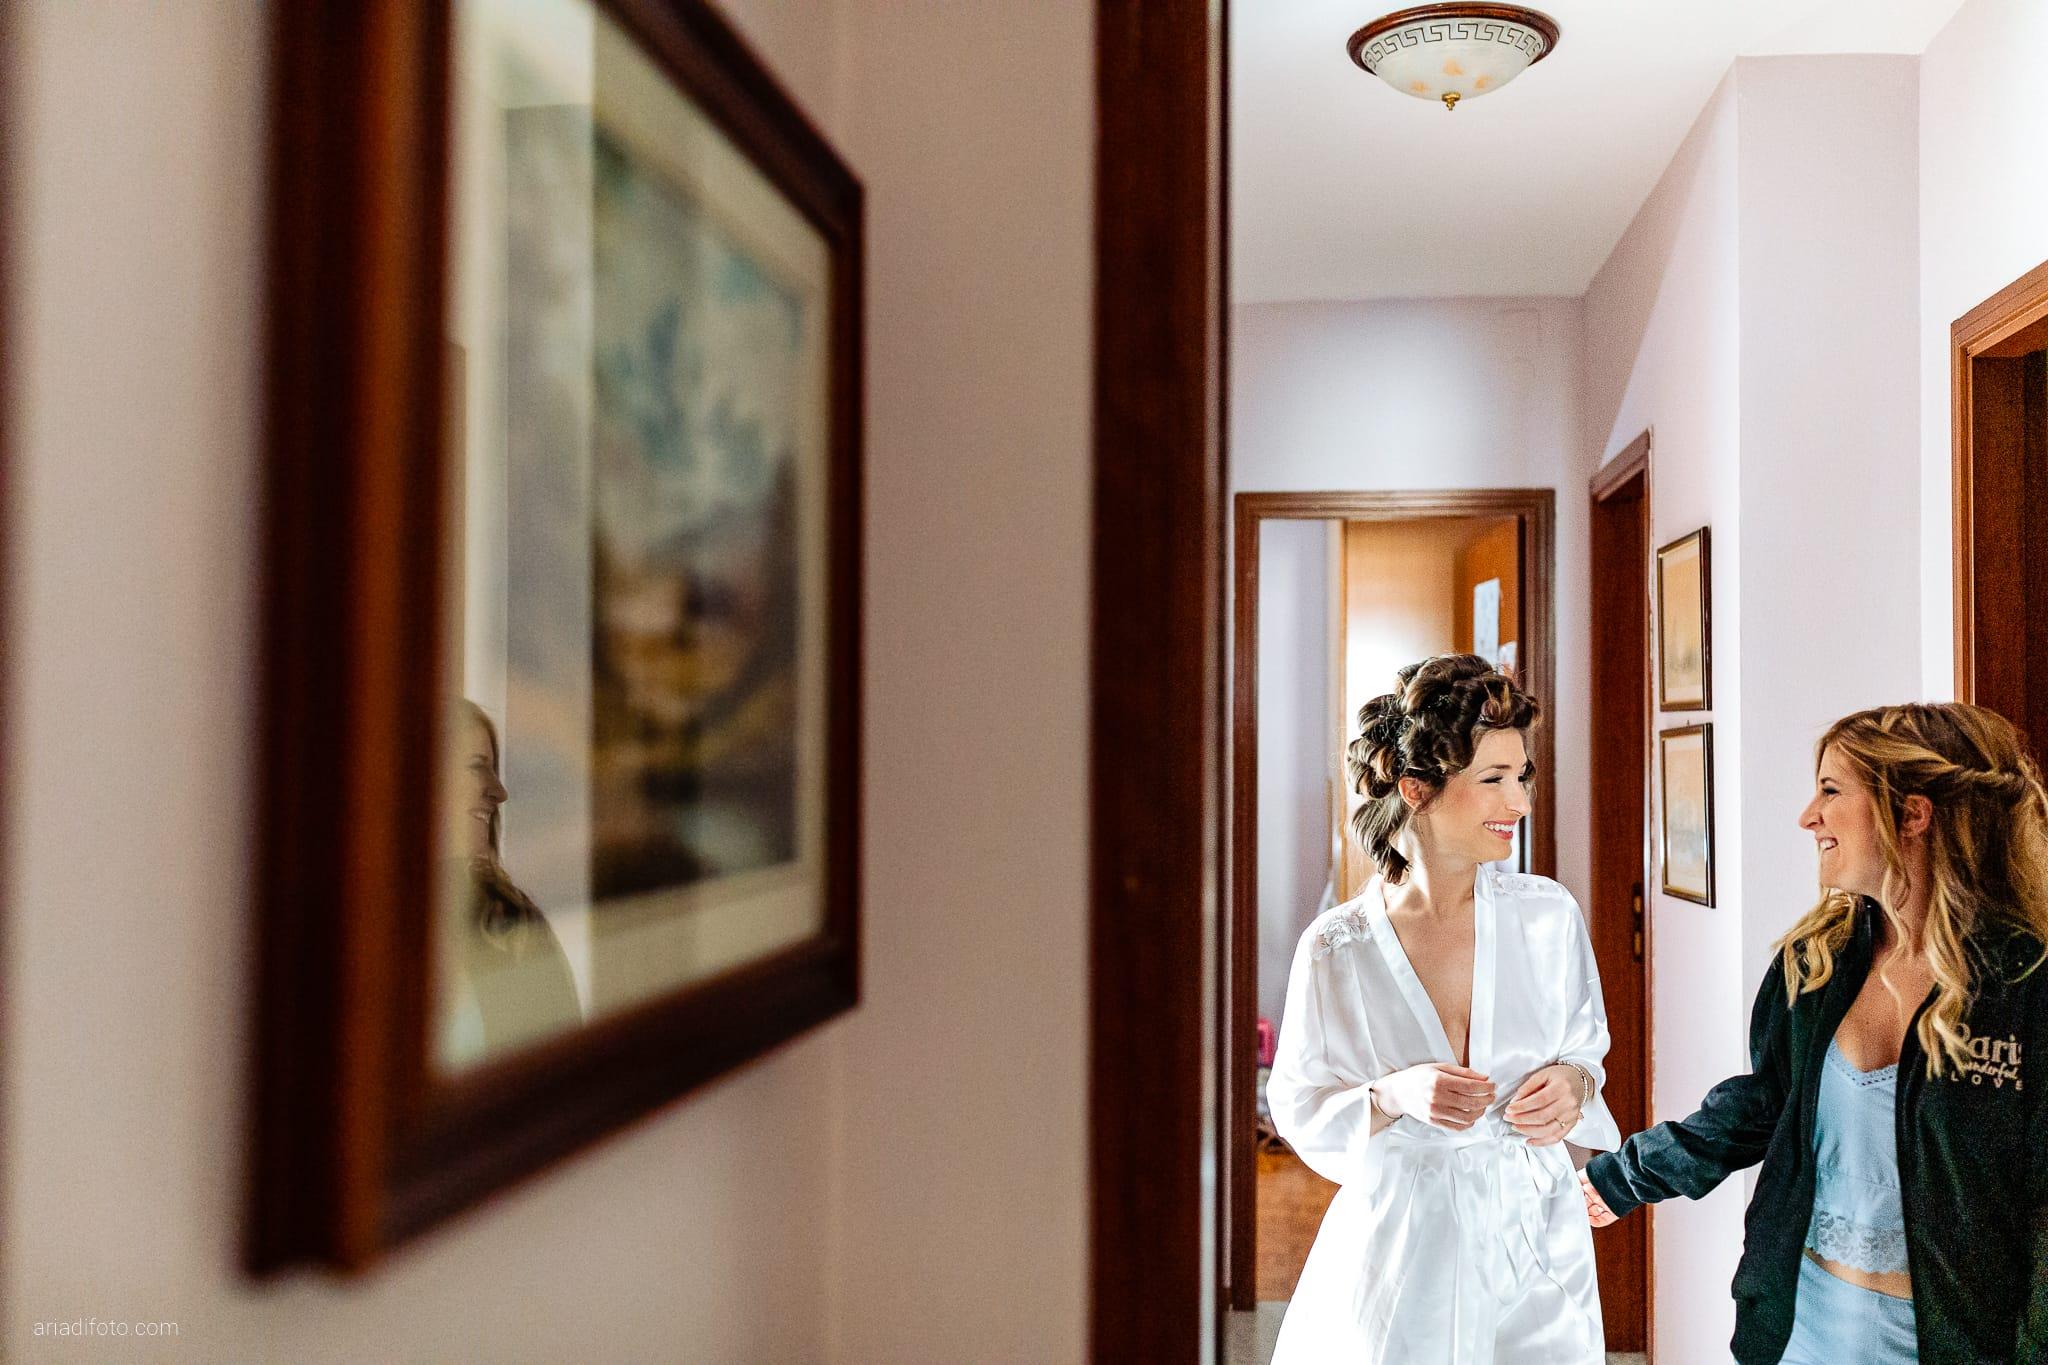 Giulia Alessandro Matrimonio Duino Trieste Baronesse Tacco San Floriano Del Collio Gorizia preparativi sposa